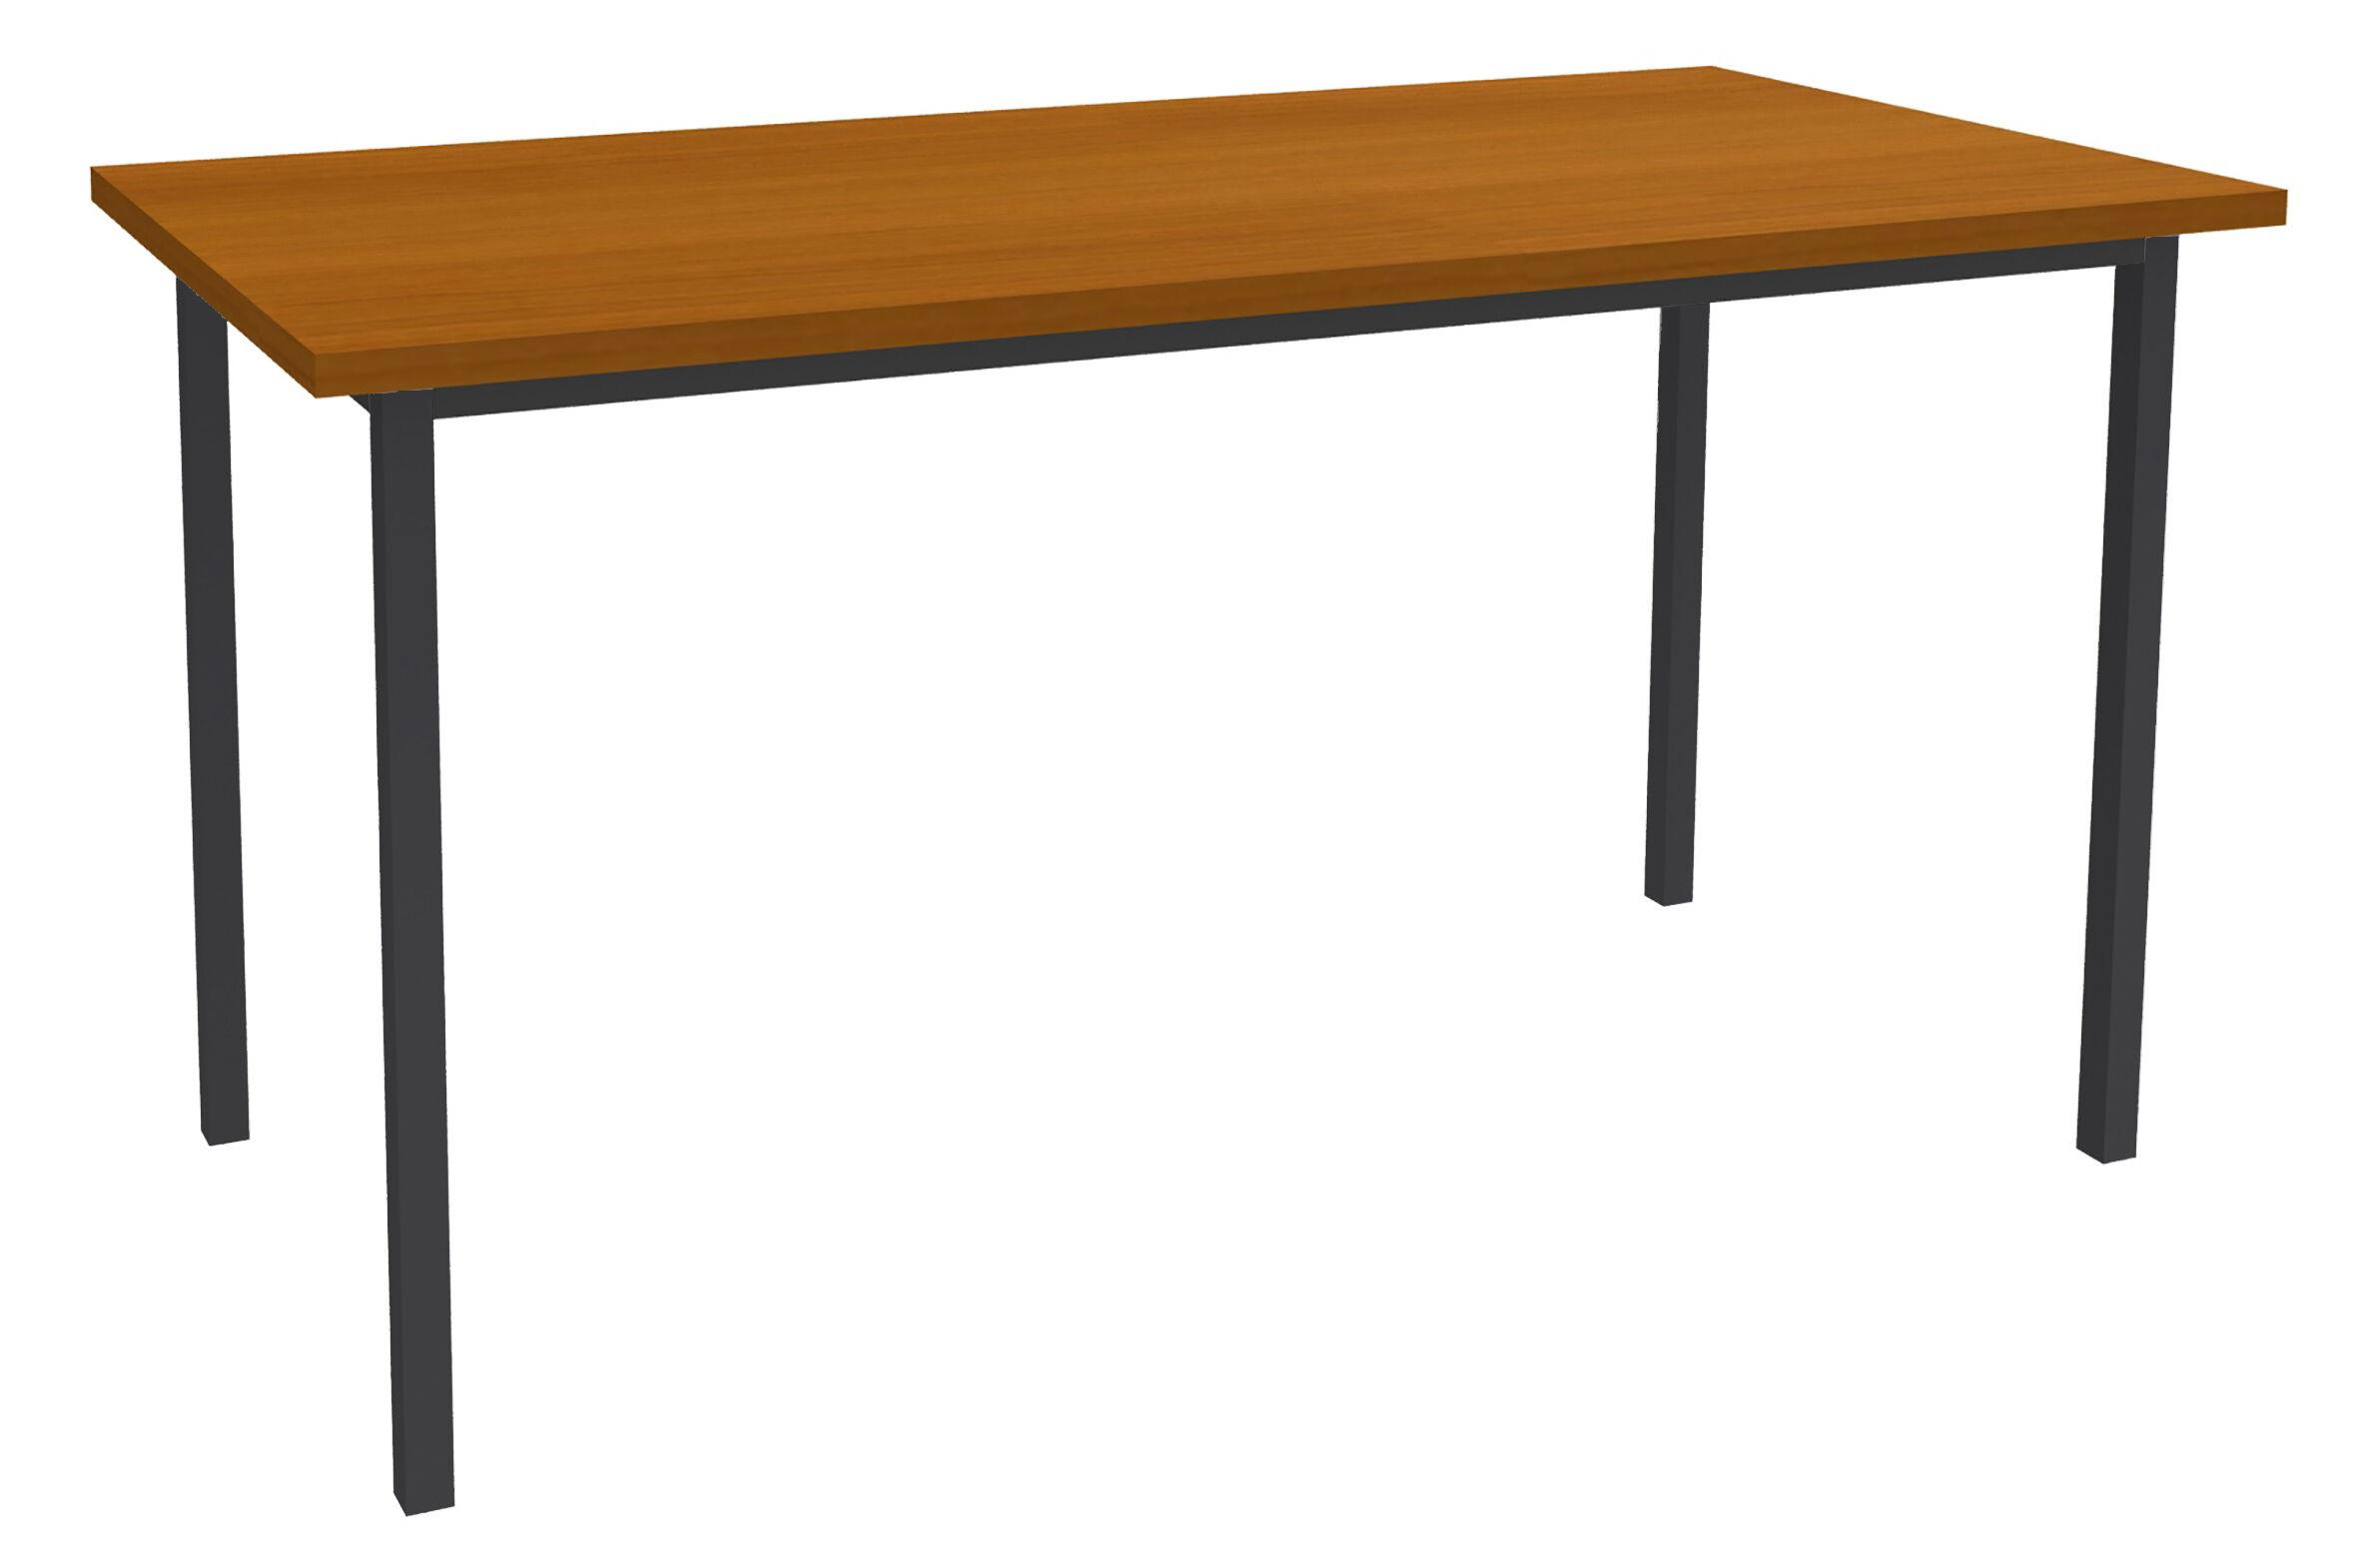 Table de réunion Rectangulaire - 140 x 70 cm - Pieds anthracite - imitation merisier